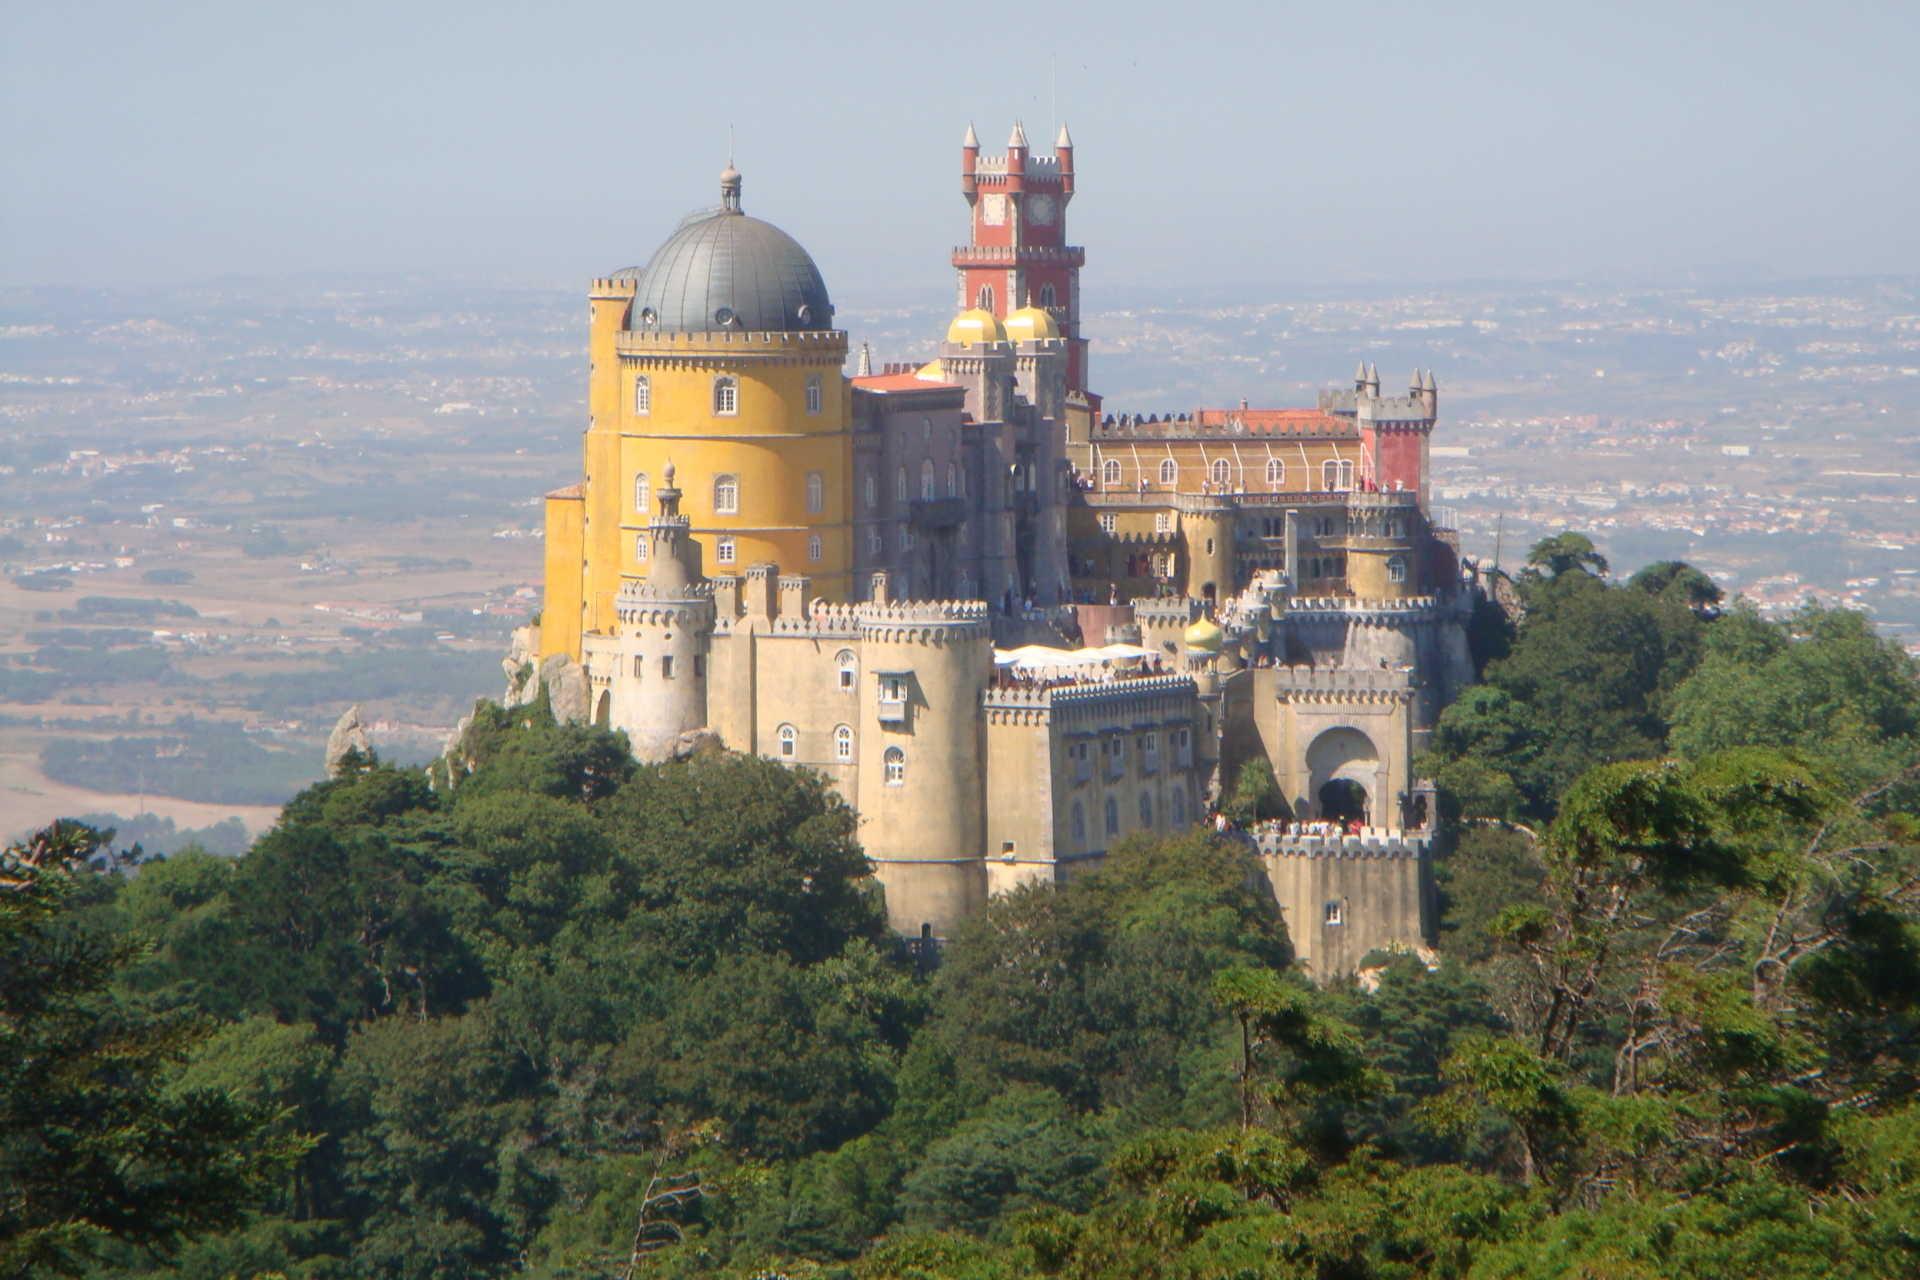 Início da construção do Palácio da Pena